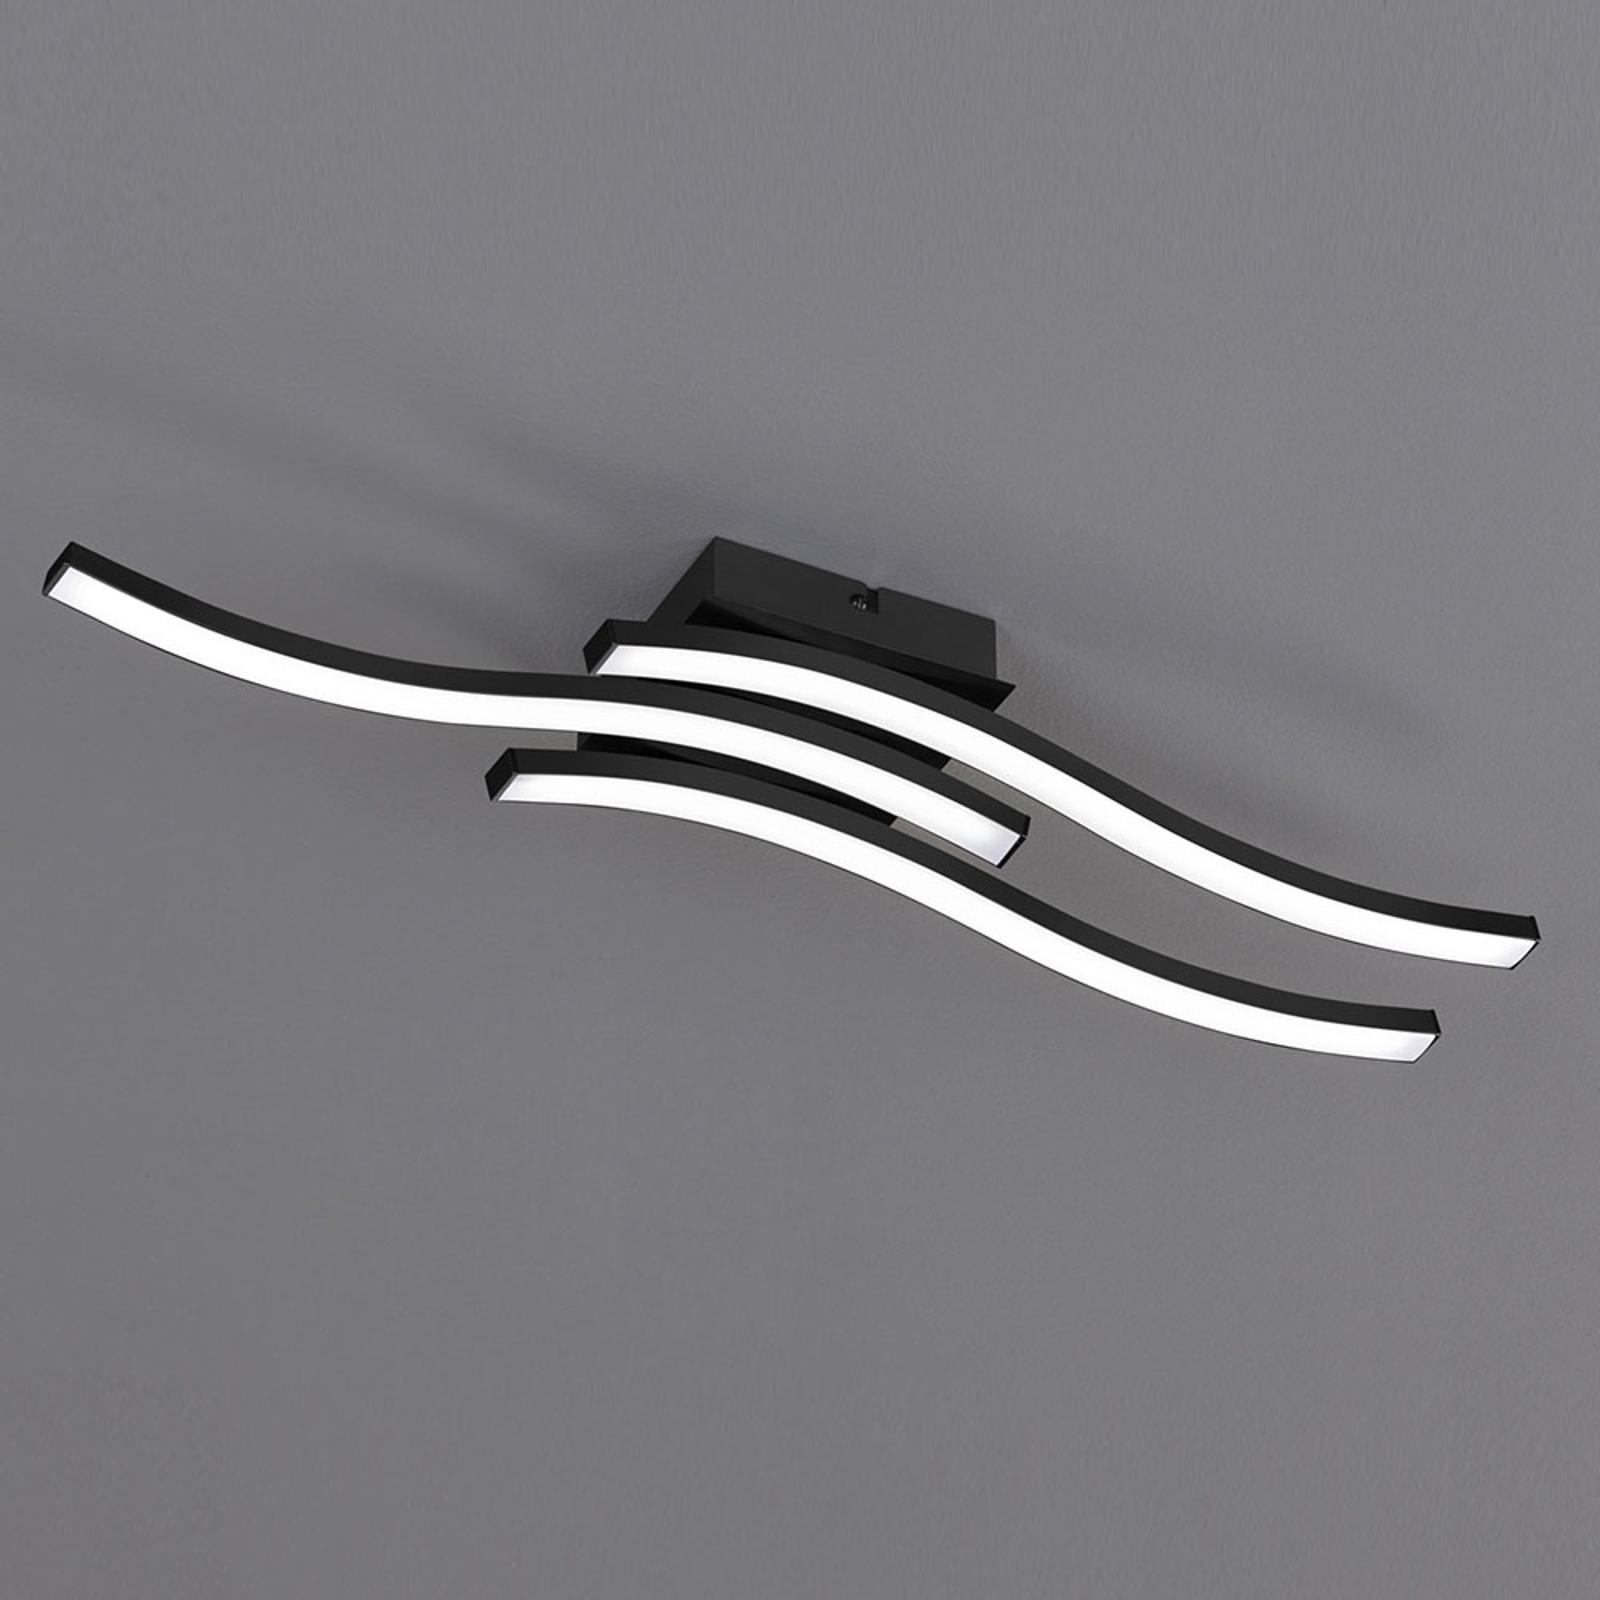 Route LED-loftlampe i sort, 3 lyskilder